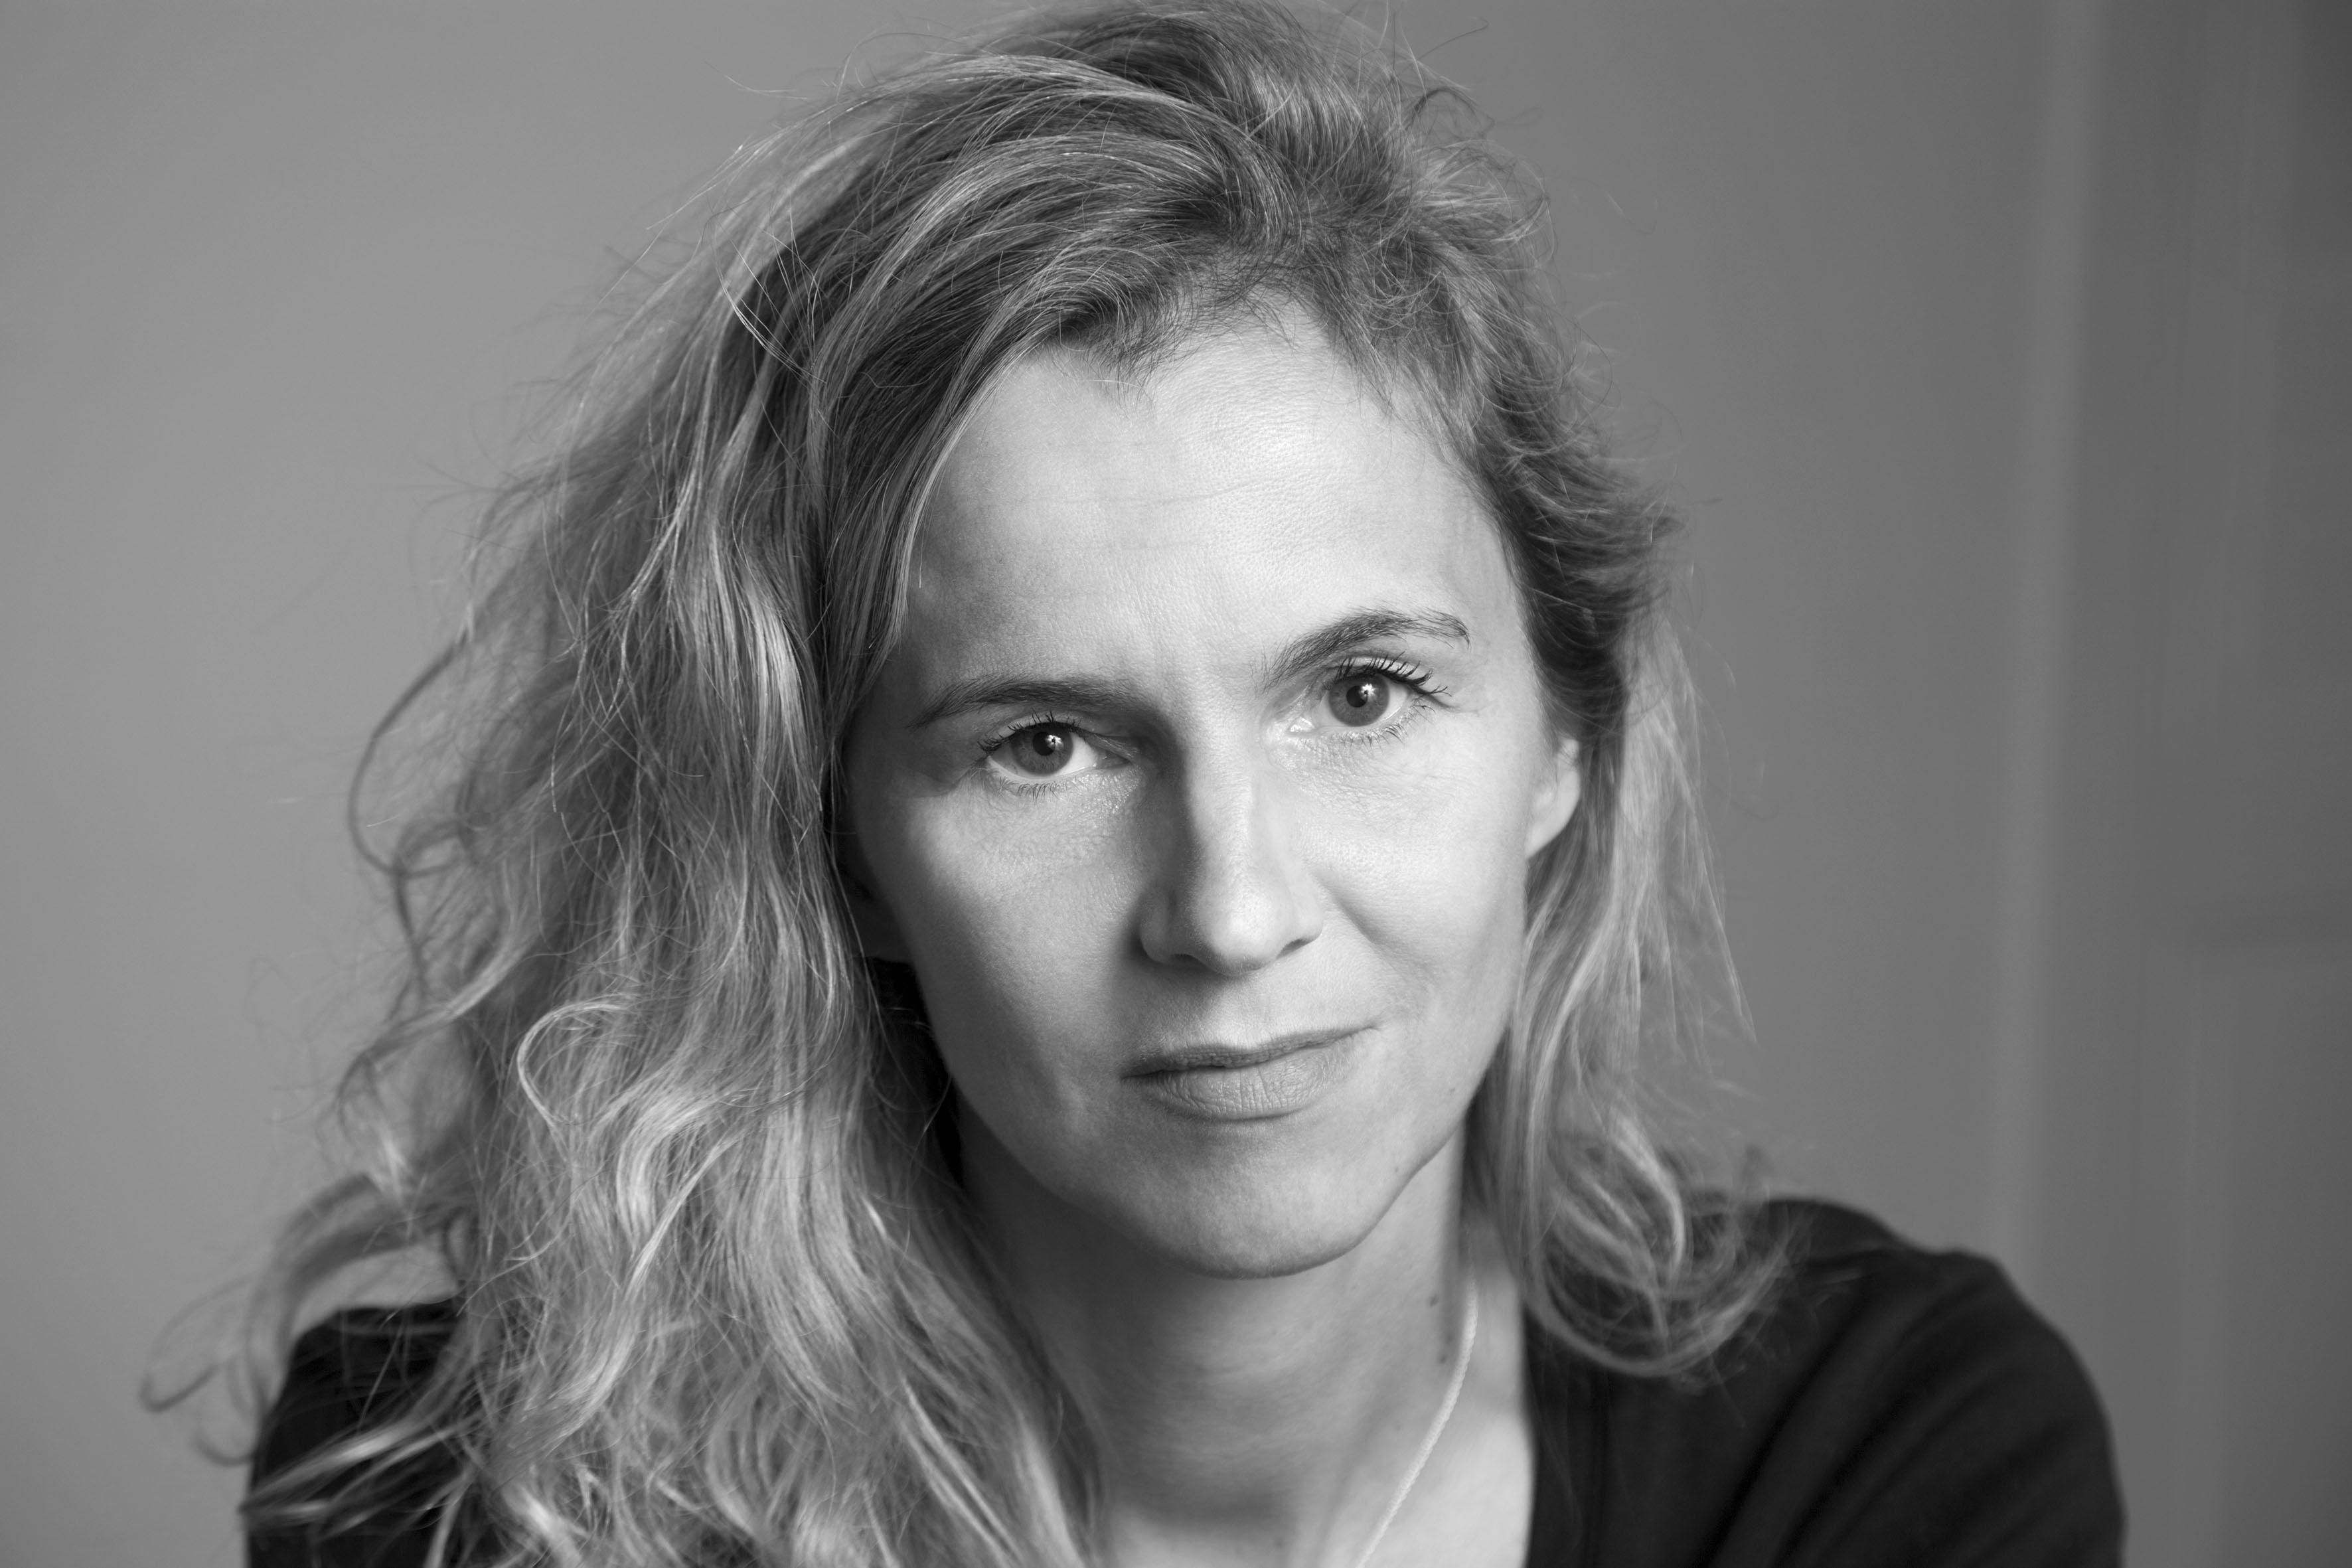 Delphine de Vigan, credit Delphine Jouandeau